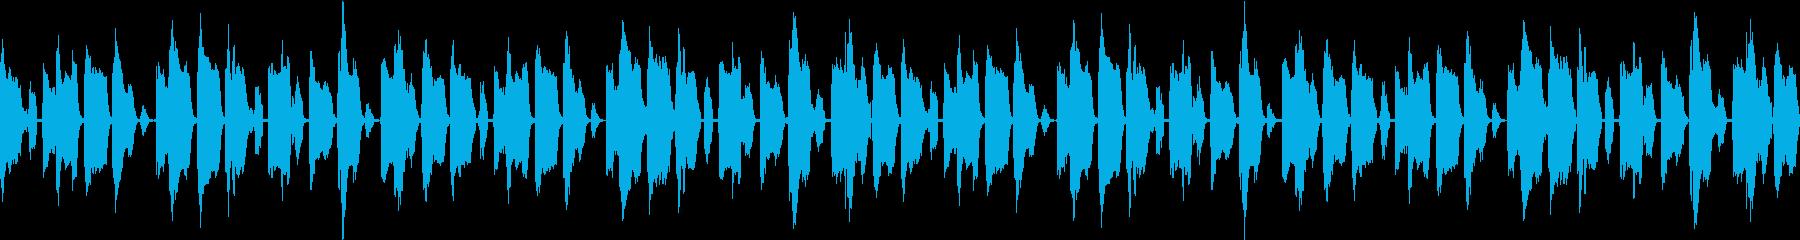 ソウルっぽいレゲトンですの再生済みの波形